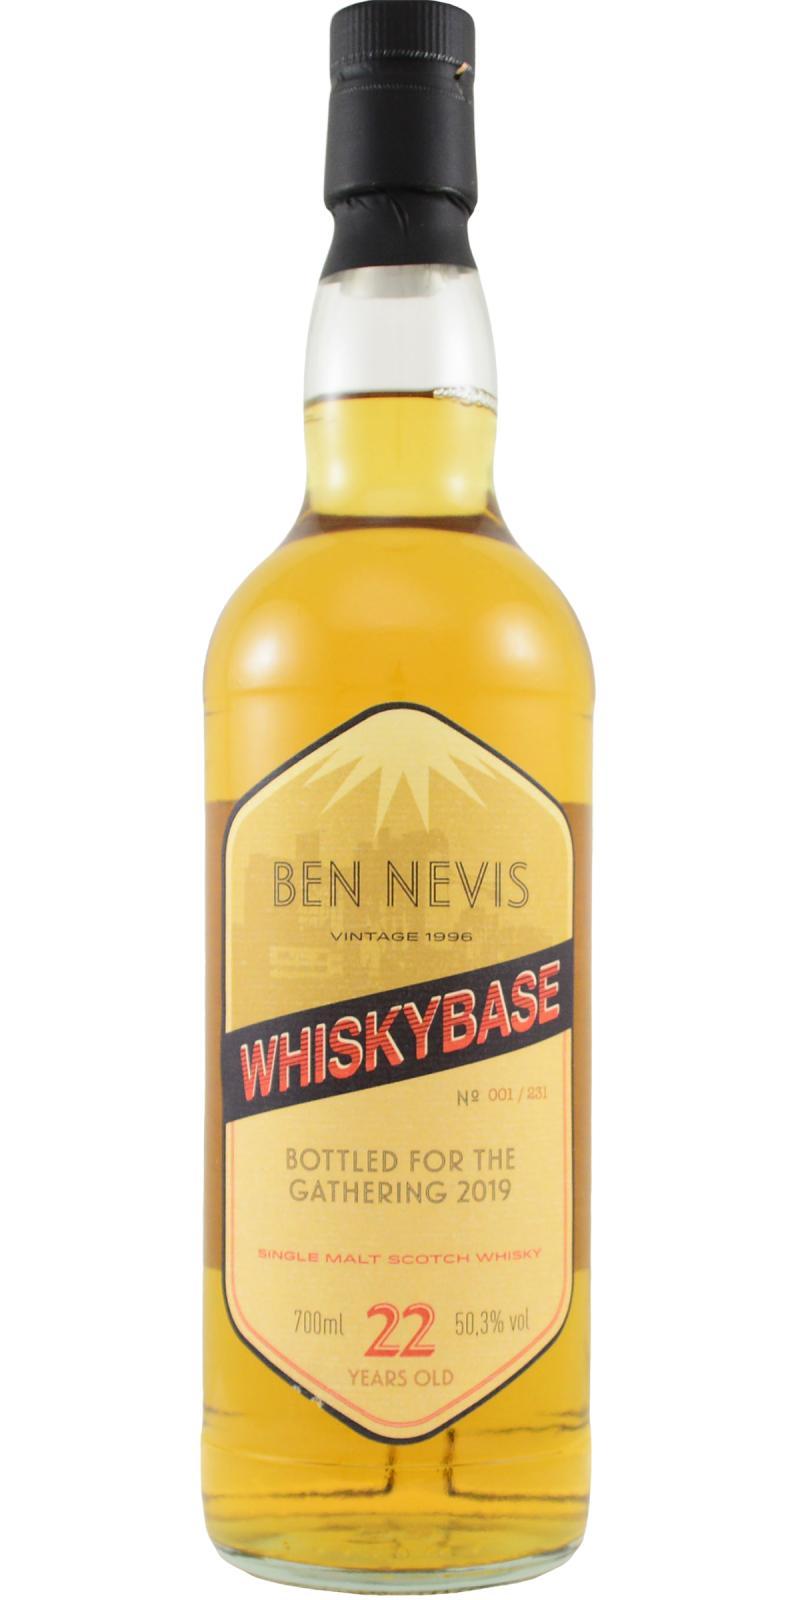 Ben Nevis 1996 WB